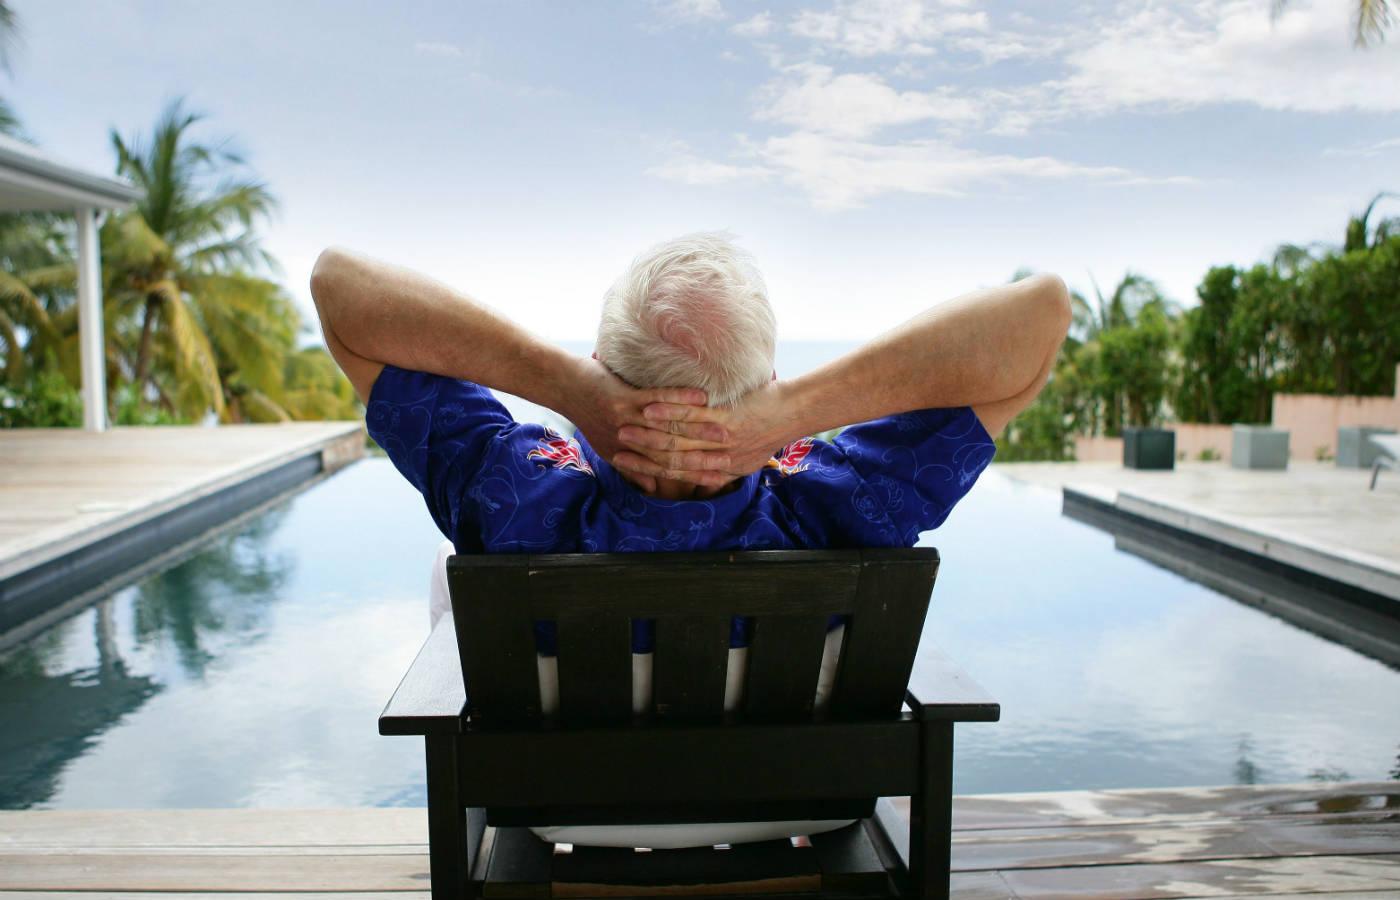 Previdência privada, uma opção para a aposentadoria